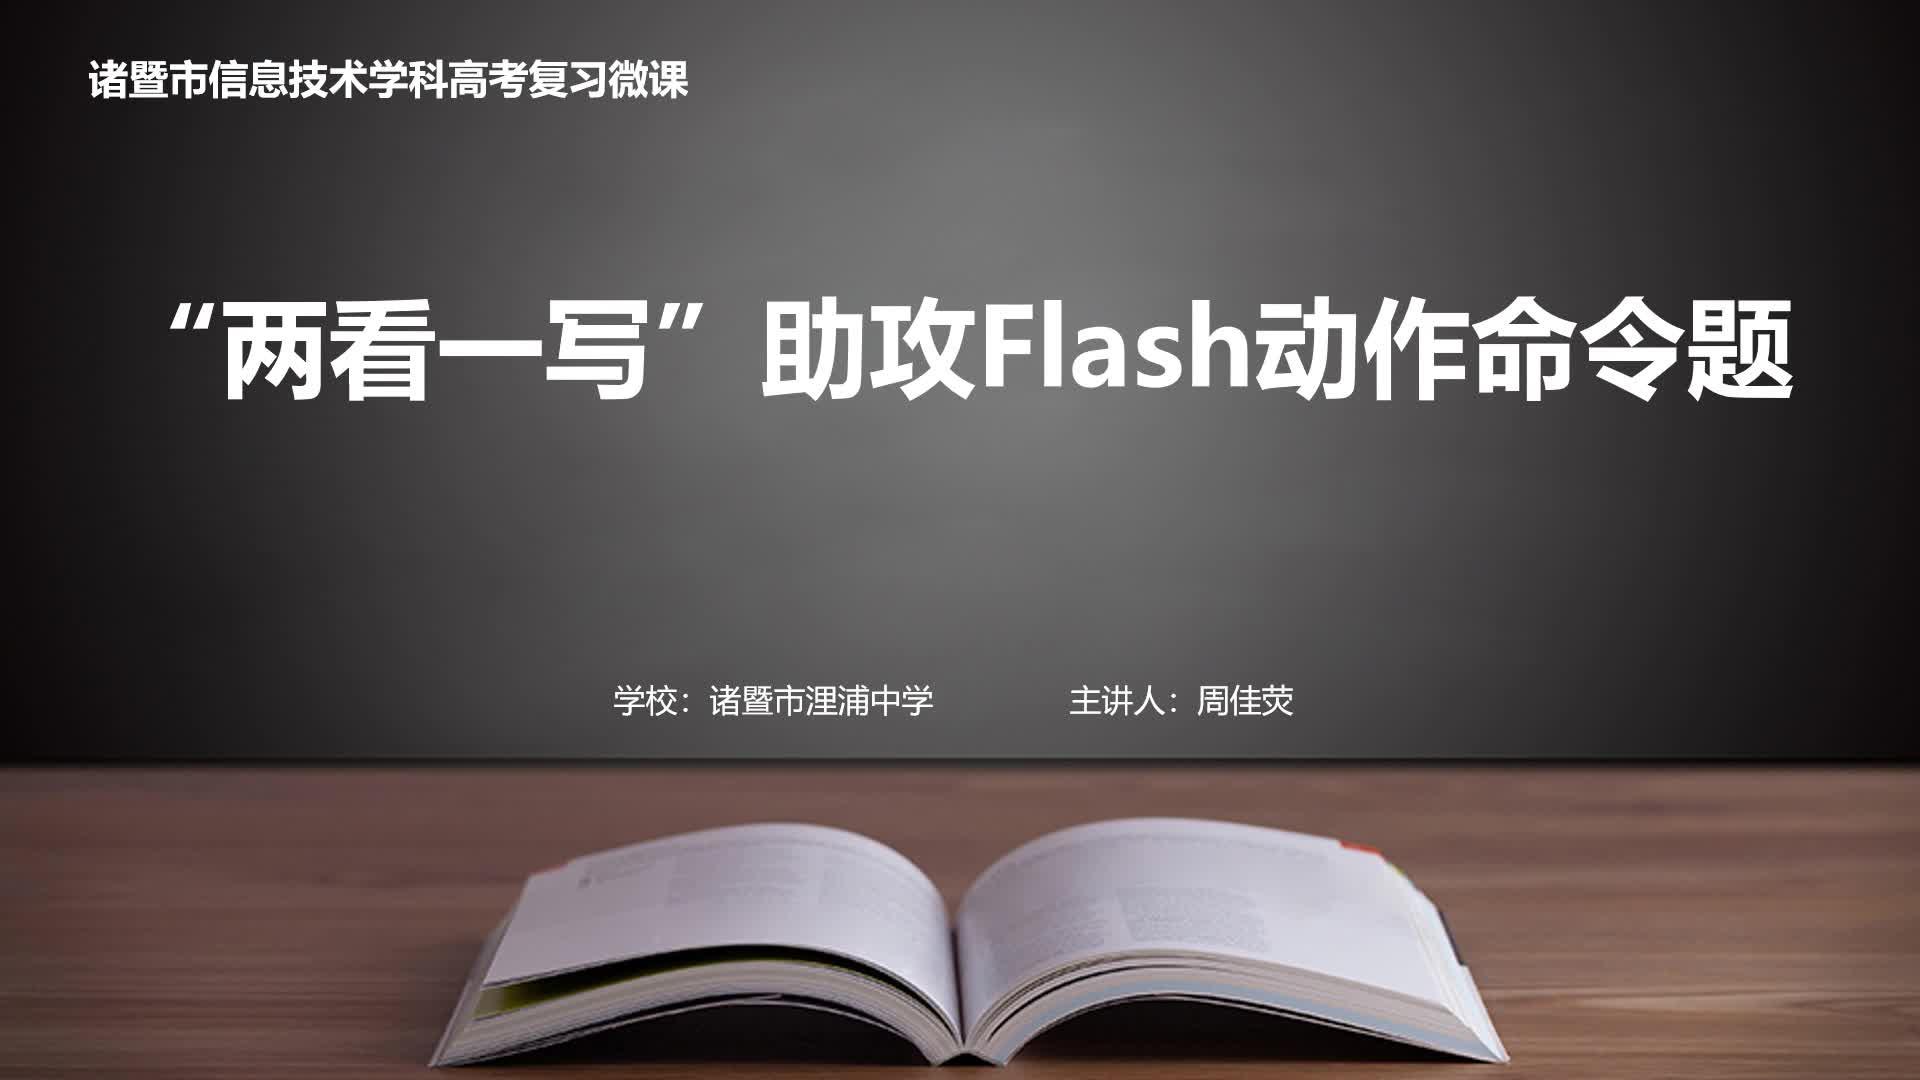 """08  """"两看一写""""助攻Flash动作命令题-2020届高三信息技术专题复习微课"""